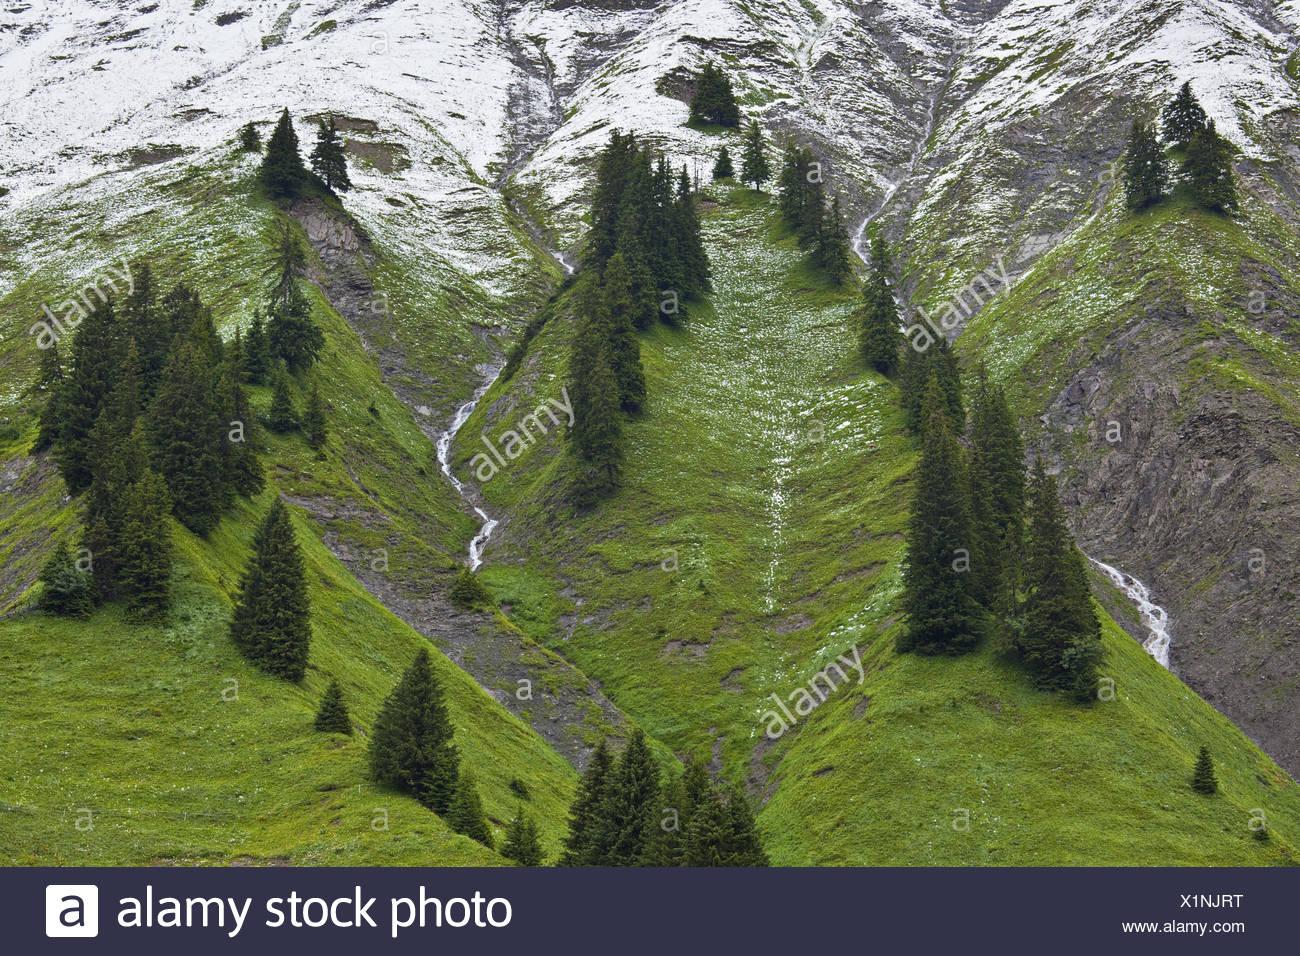 Austria, Vorarlberg, Hochtannberg Pass, spruces, snow, - Stock Image